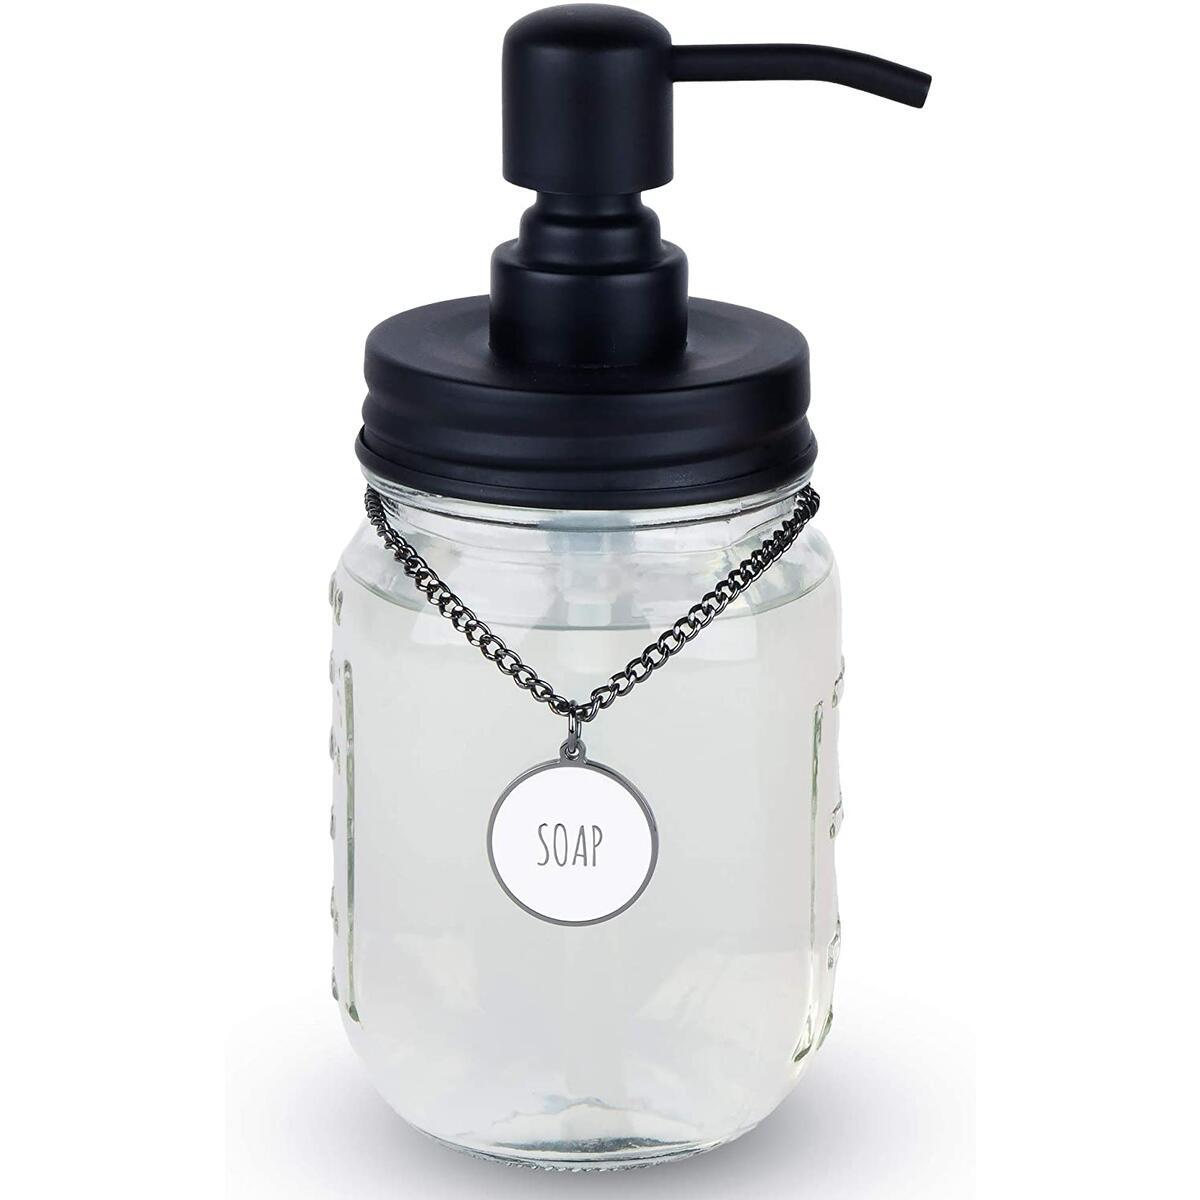 Mason Jar Soap Dispenser with SOAP/LOTION Hang Tag (Black)